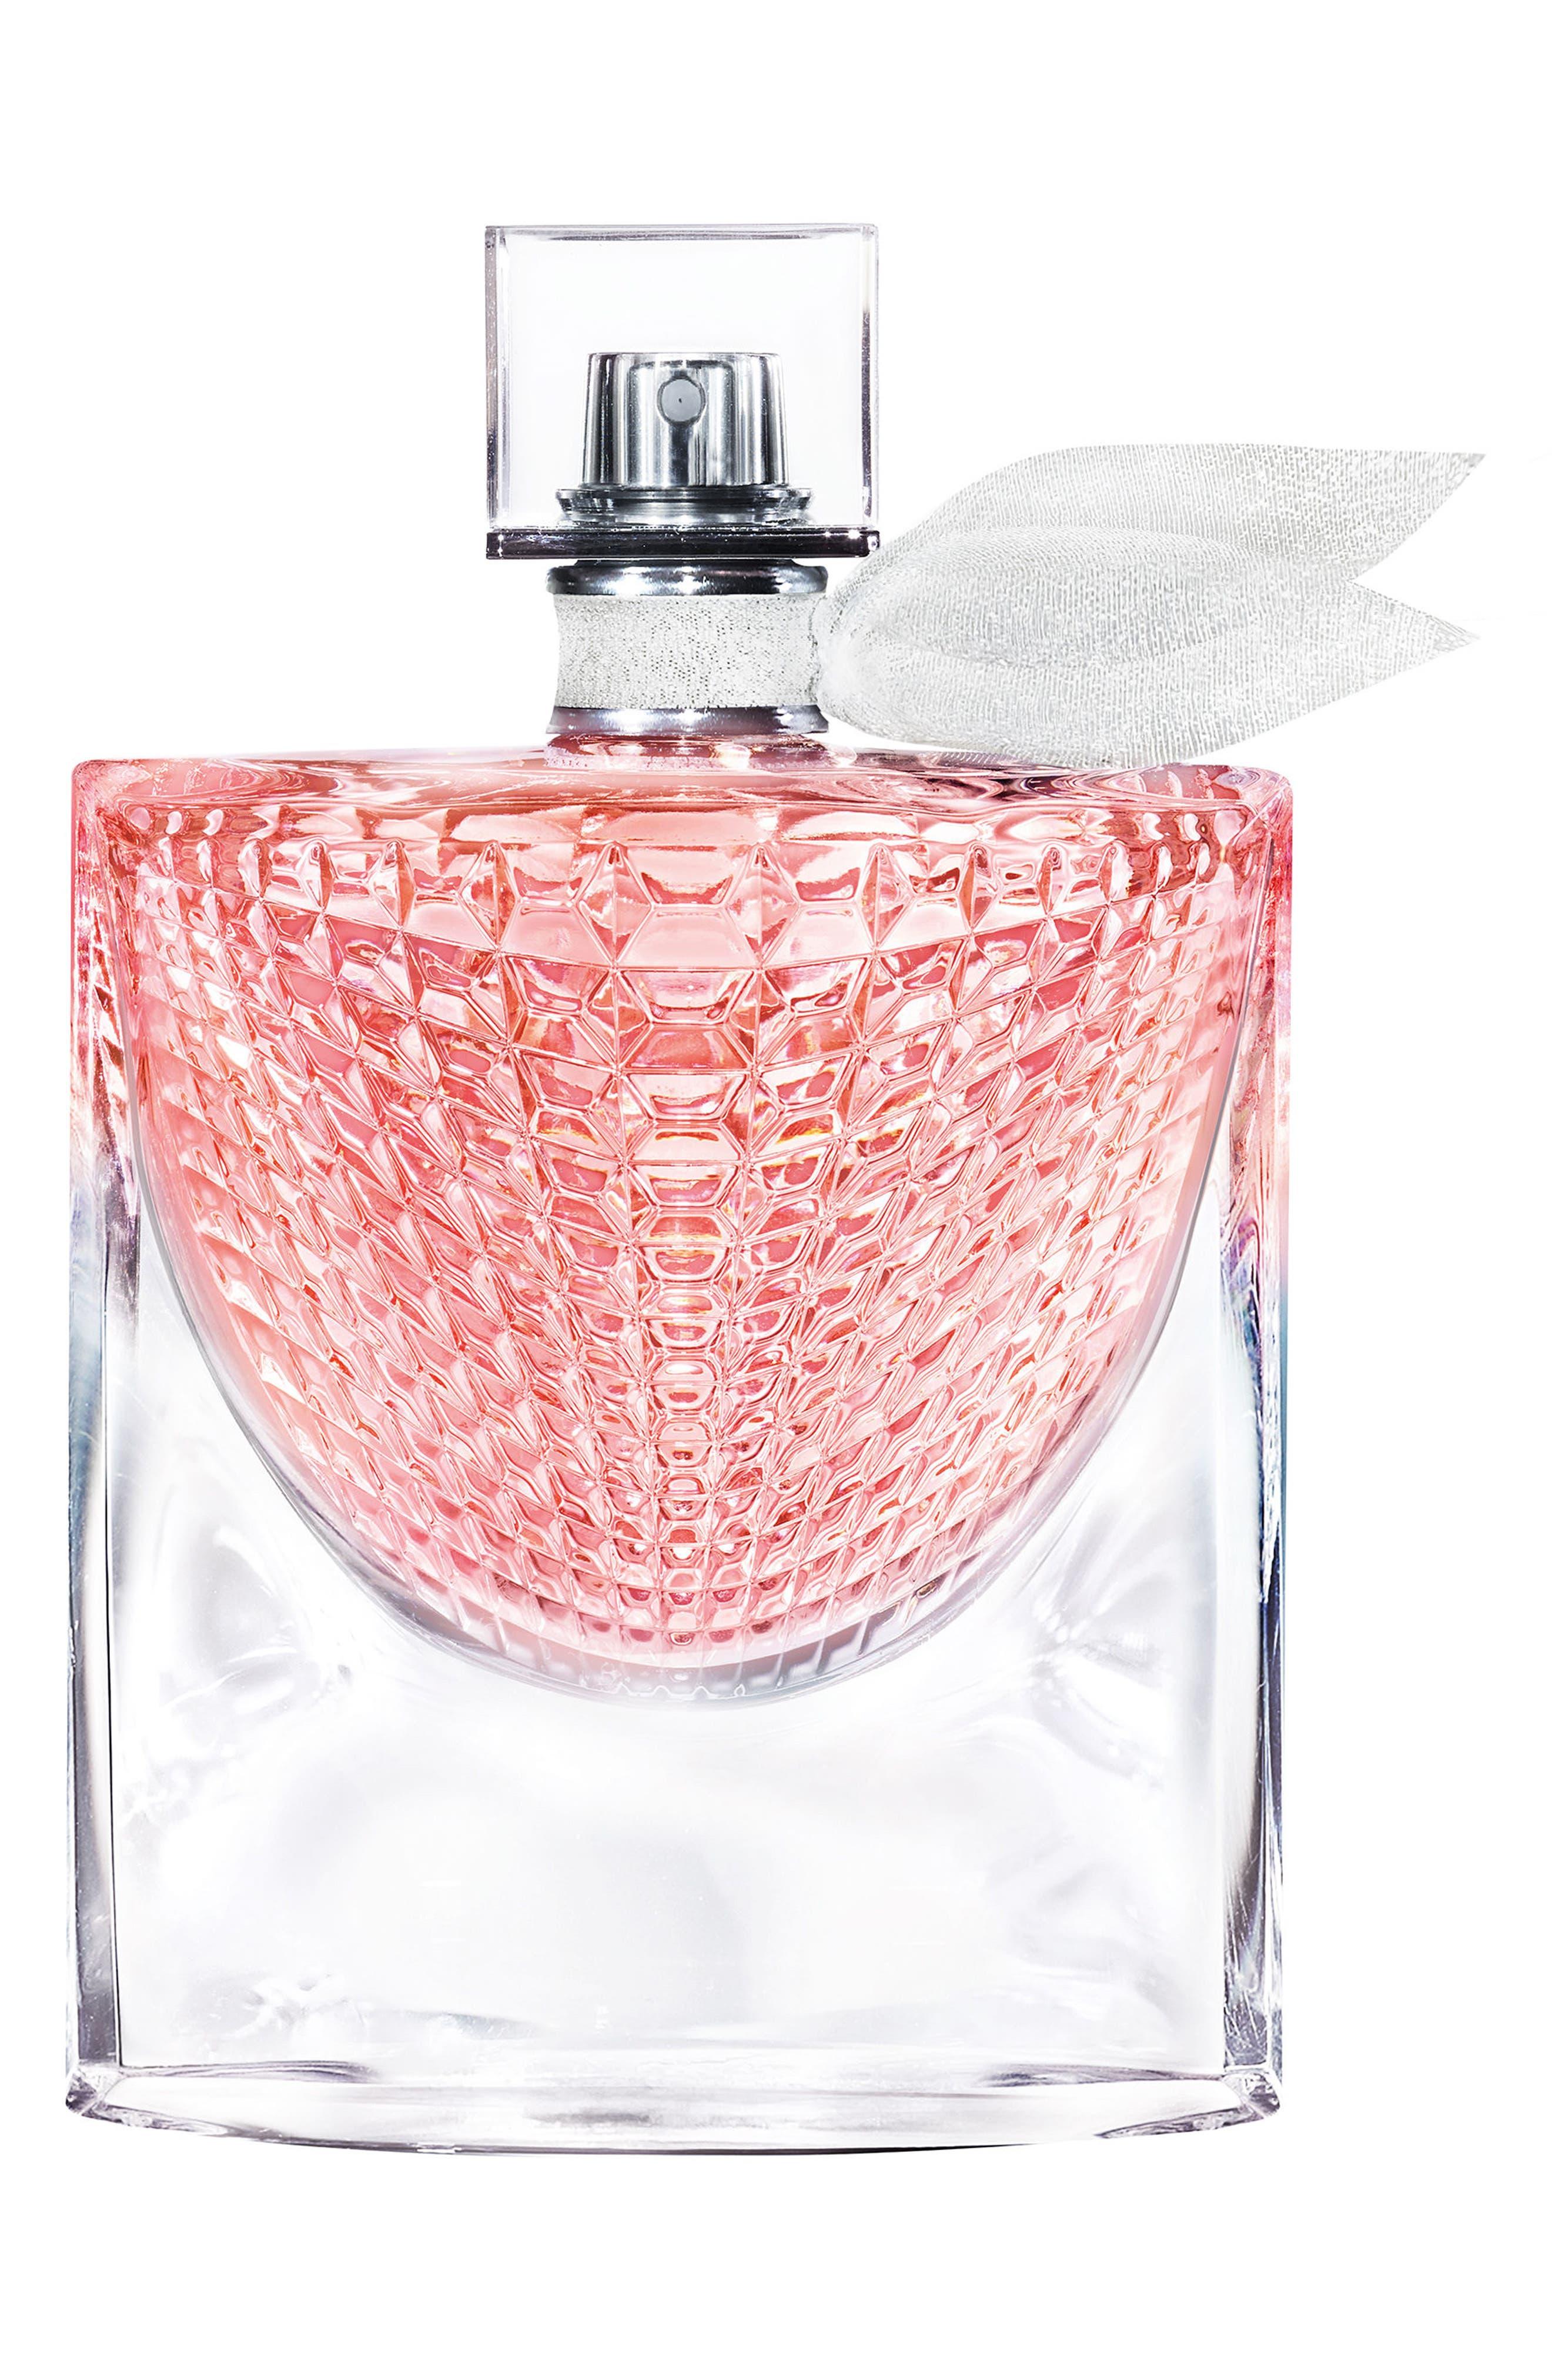 Lancöme La Vie est Belle L'Eclat Eau de Parfum